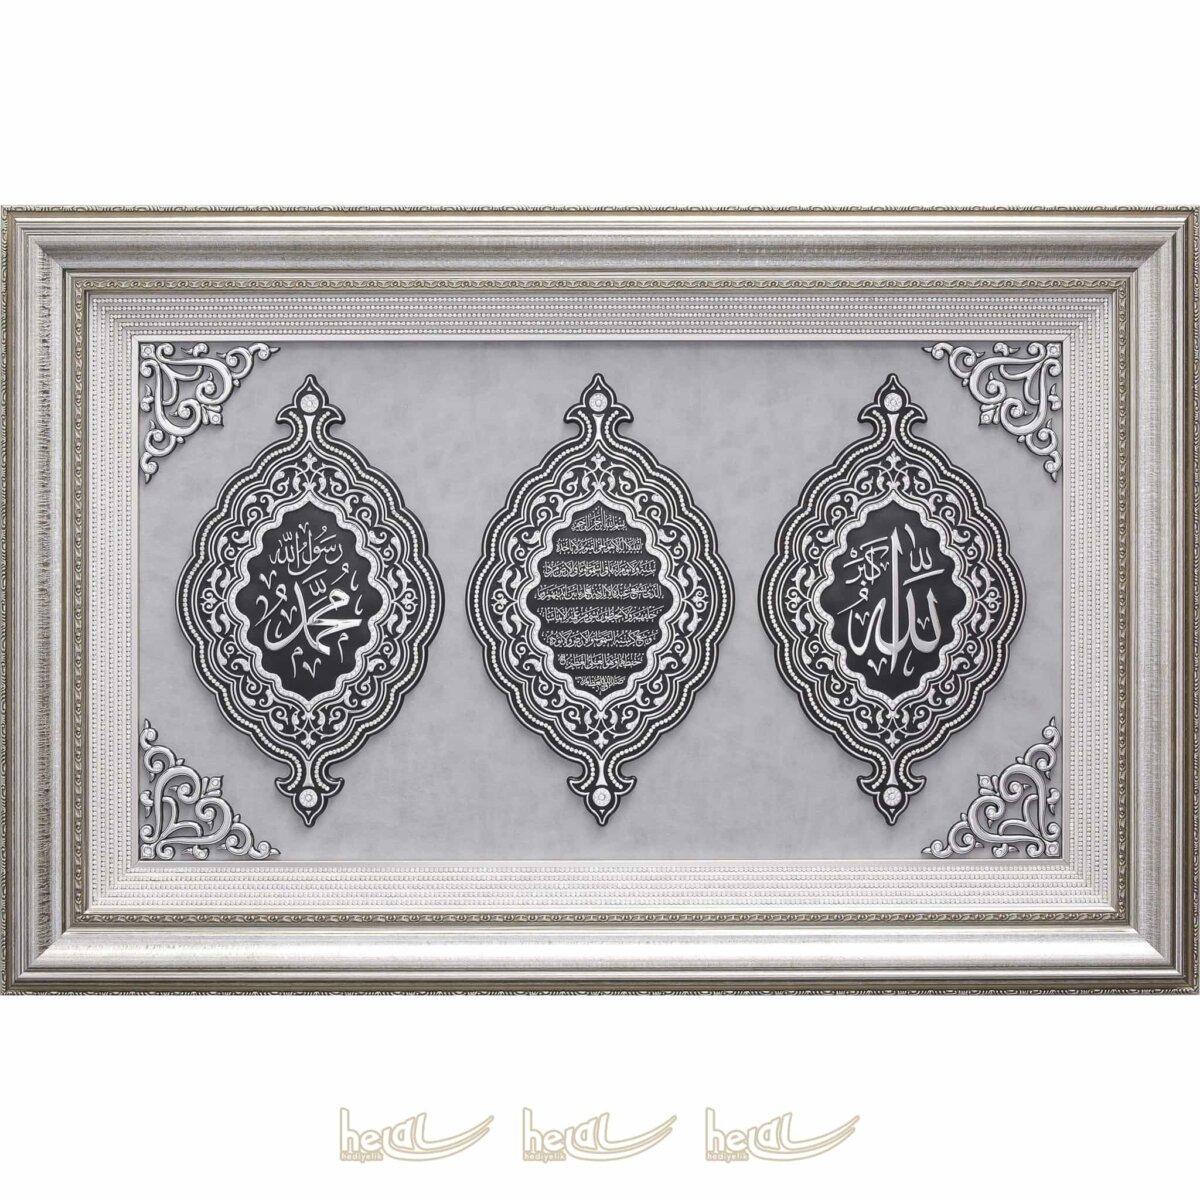 73x110cm Allah cc. – Ayetel Kürsi- Muhammed sav Yazılı Paspartusu Taşlı Selçuklu Modeli 3′ lü Çerçeve Tablo Ayetli Ürünler